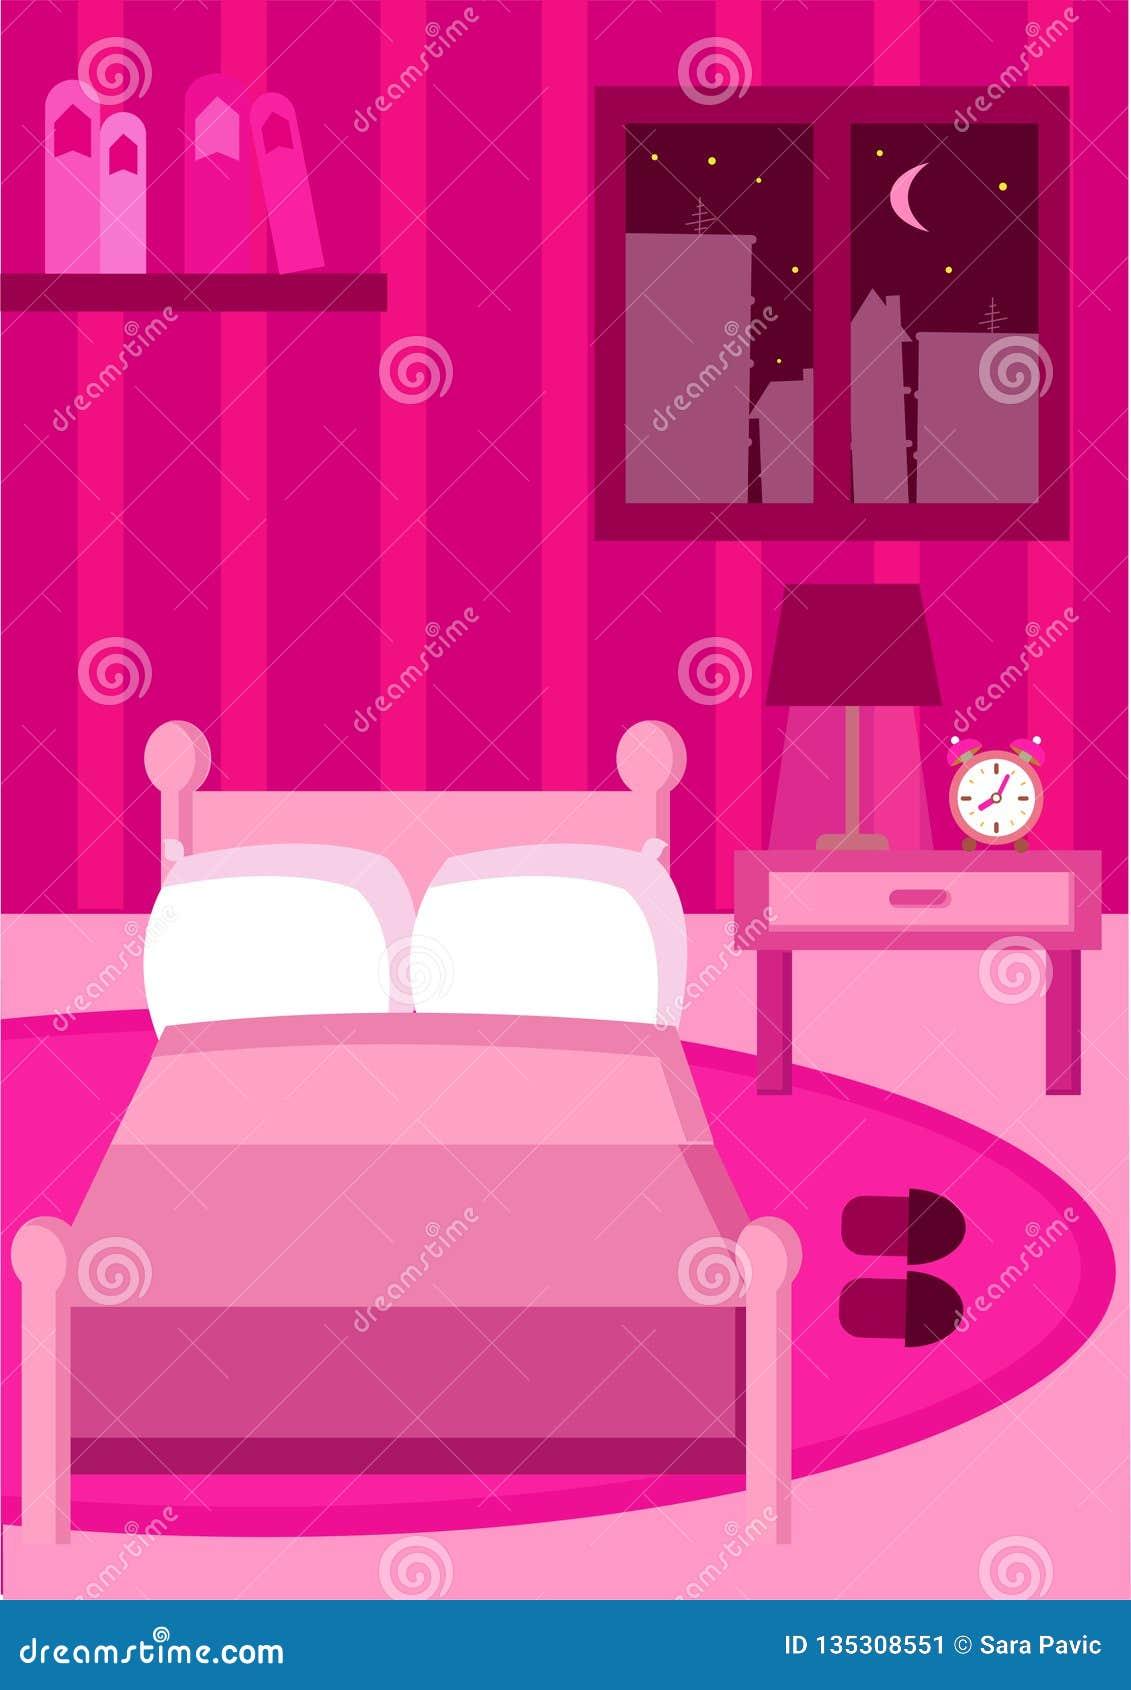 Dormitorio todo en color rosado con todos los muebles rosados